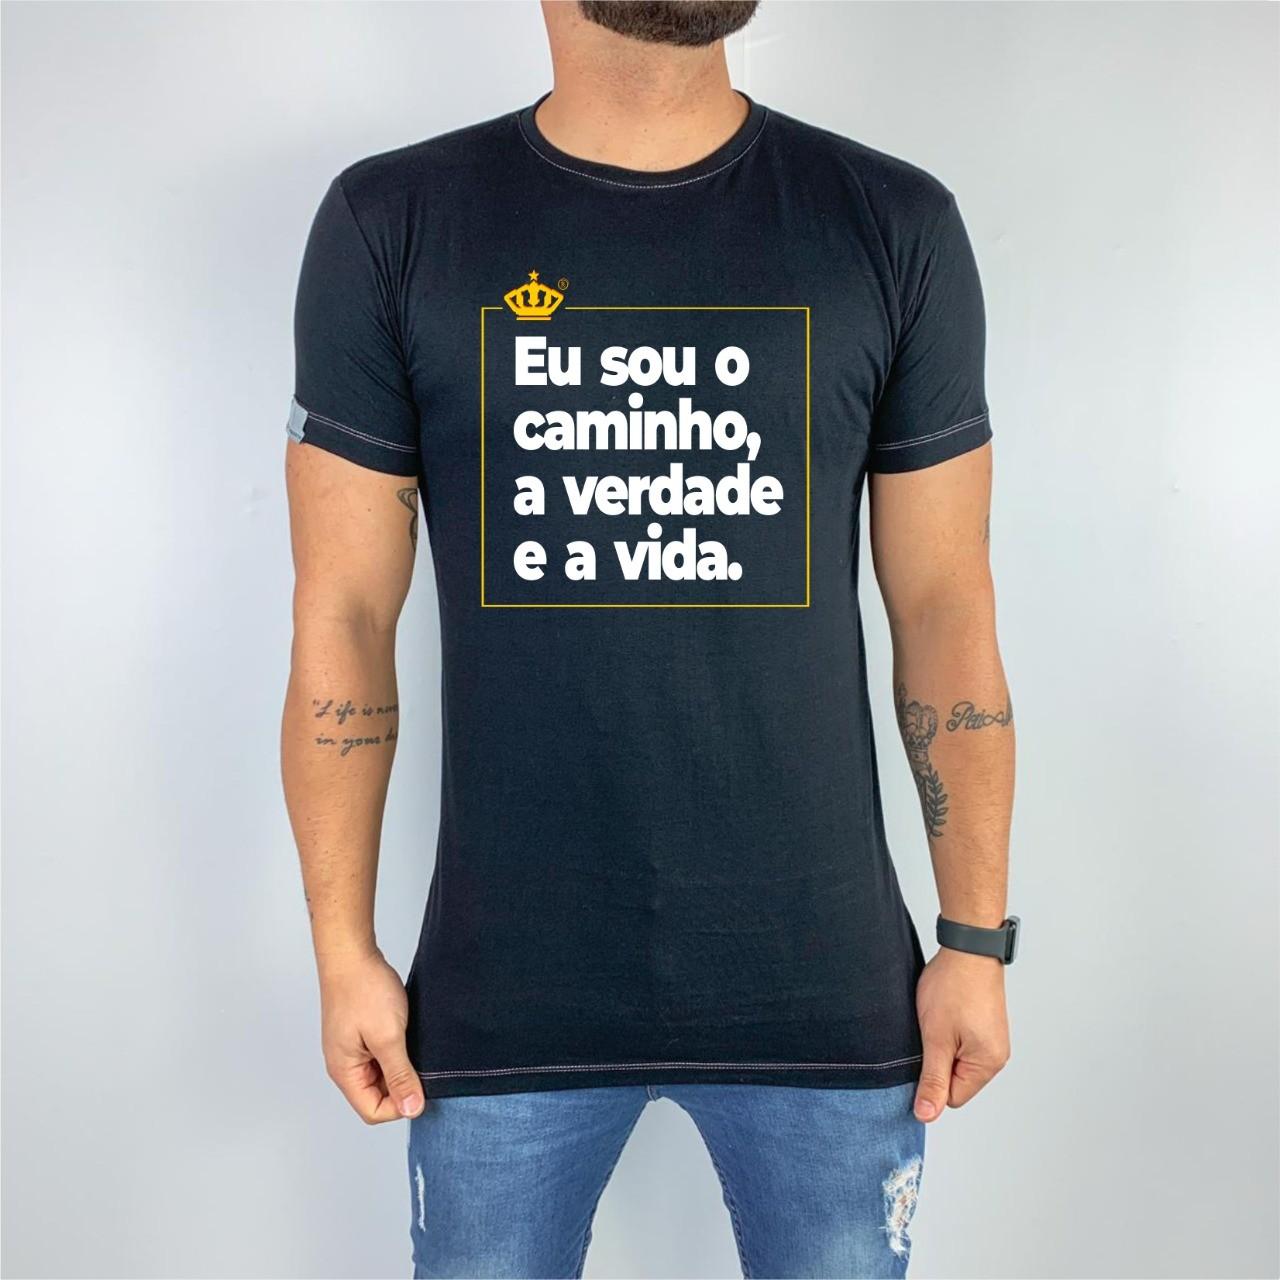 Camiseta Eu sou o caminho